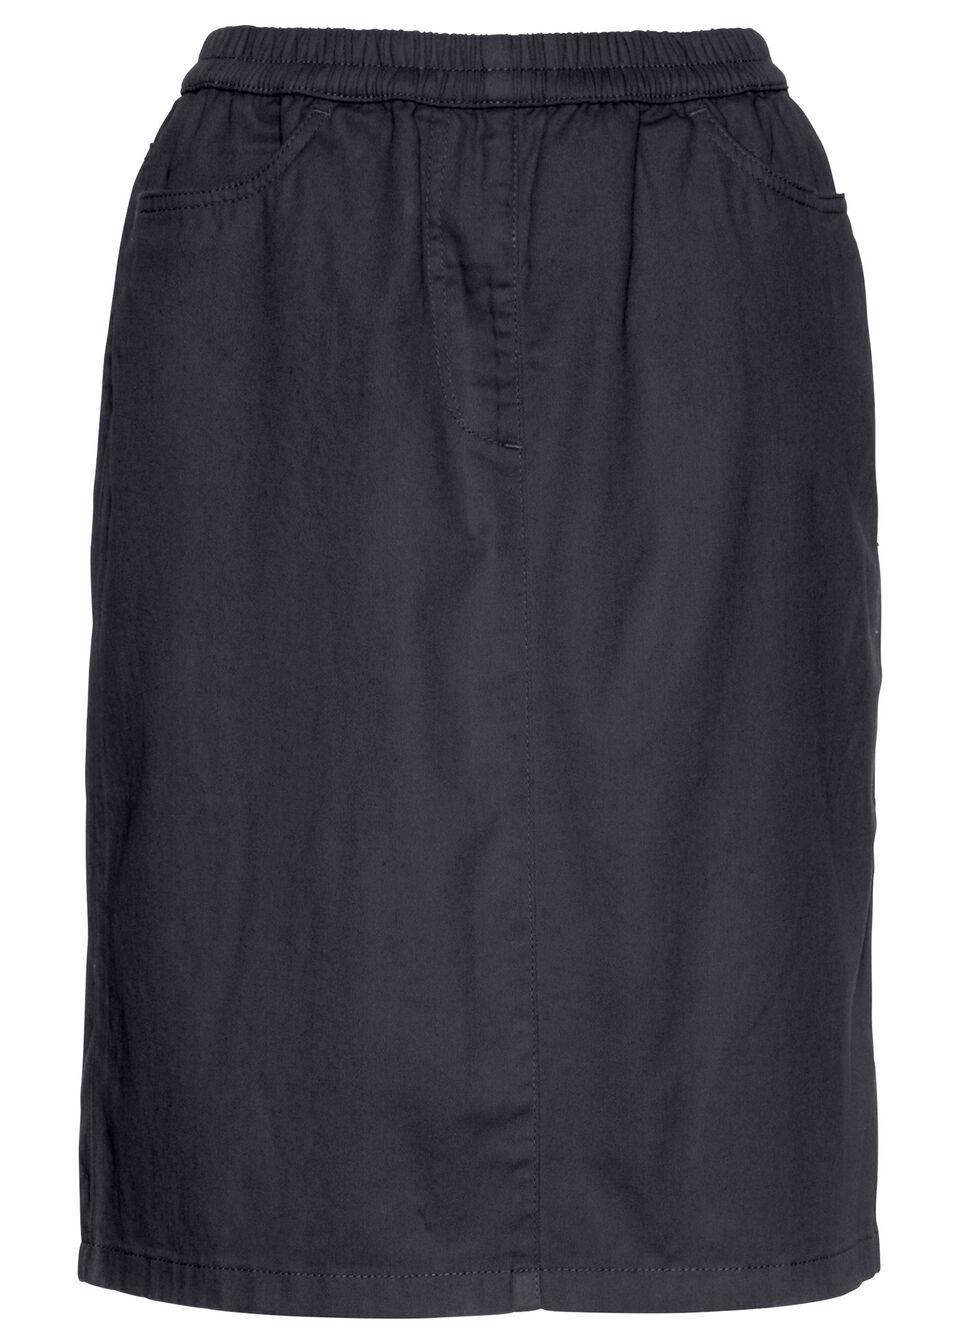 Spódnica bez zamka w talii bonprix czarny